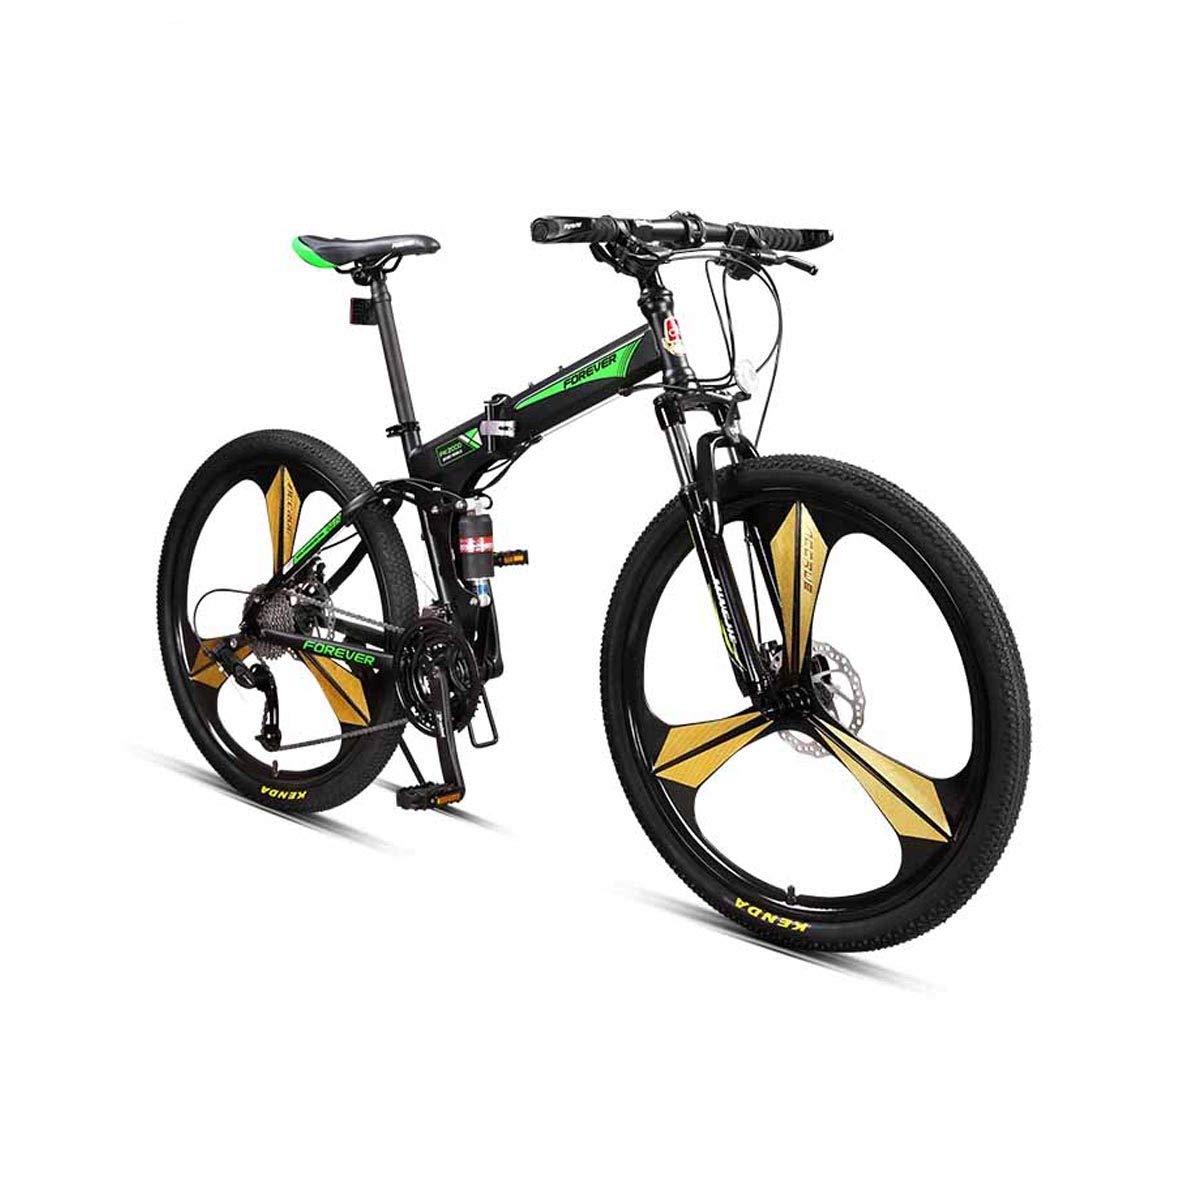 8haowenju Bicicleta de montaña, Bicicleta, Bicicleta de montaña ...